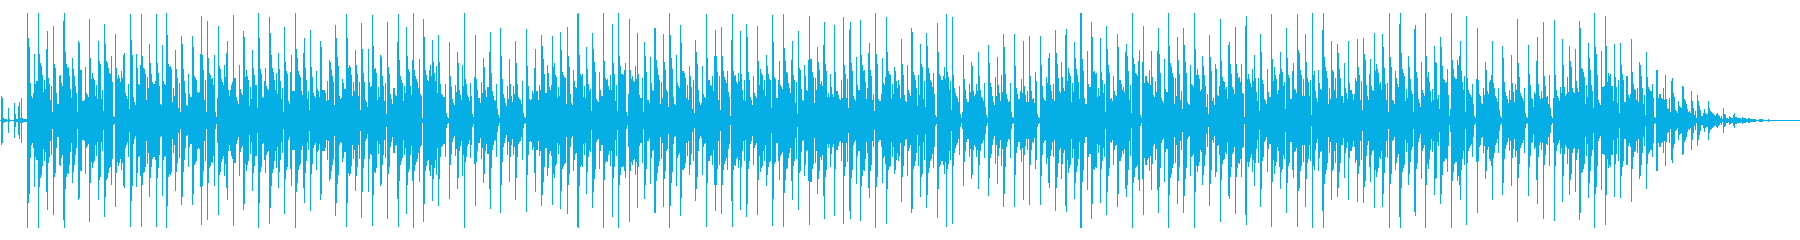 年末年始の定番「第九」脱力系アレンジの再生済みの波形